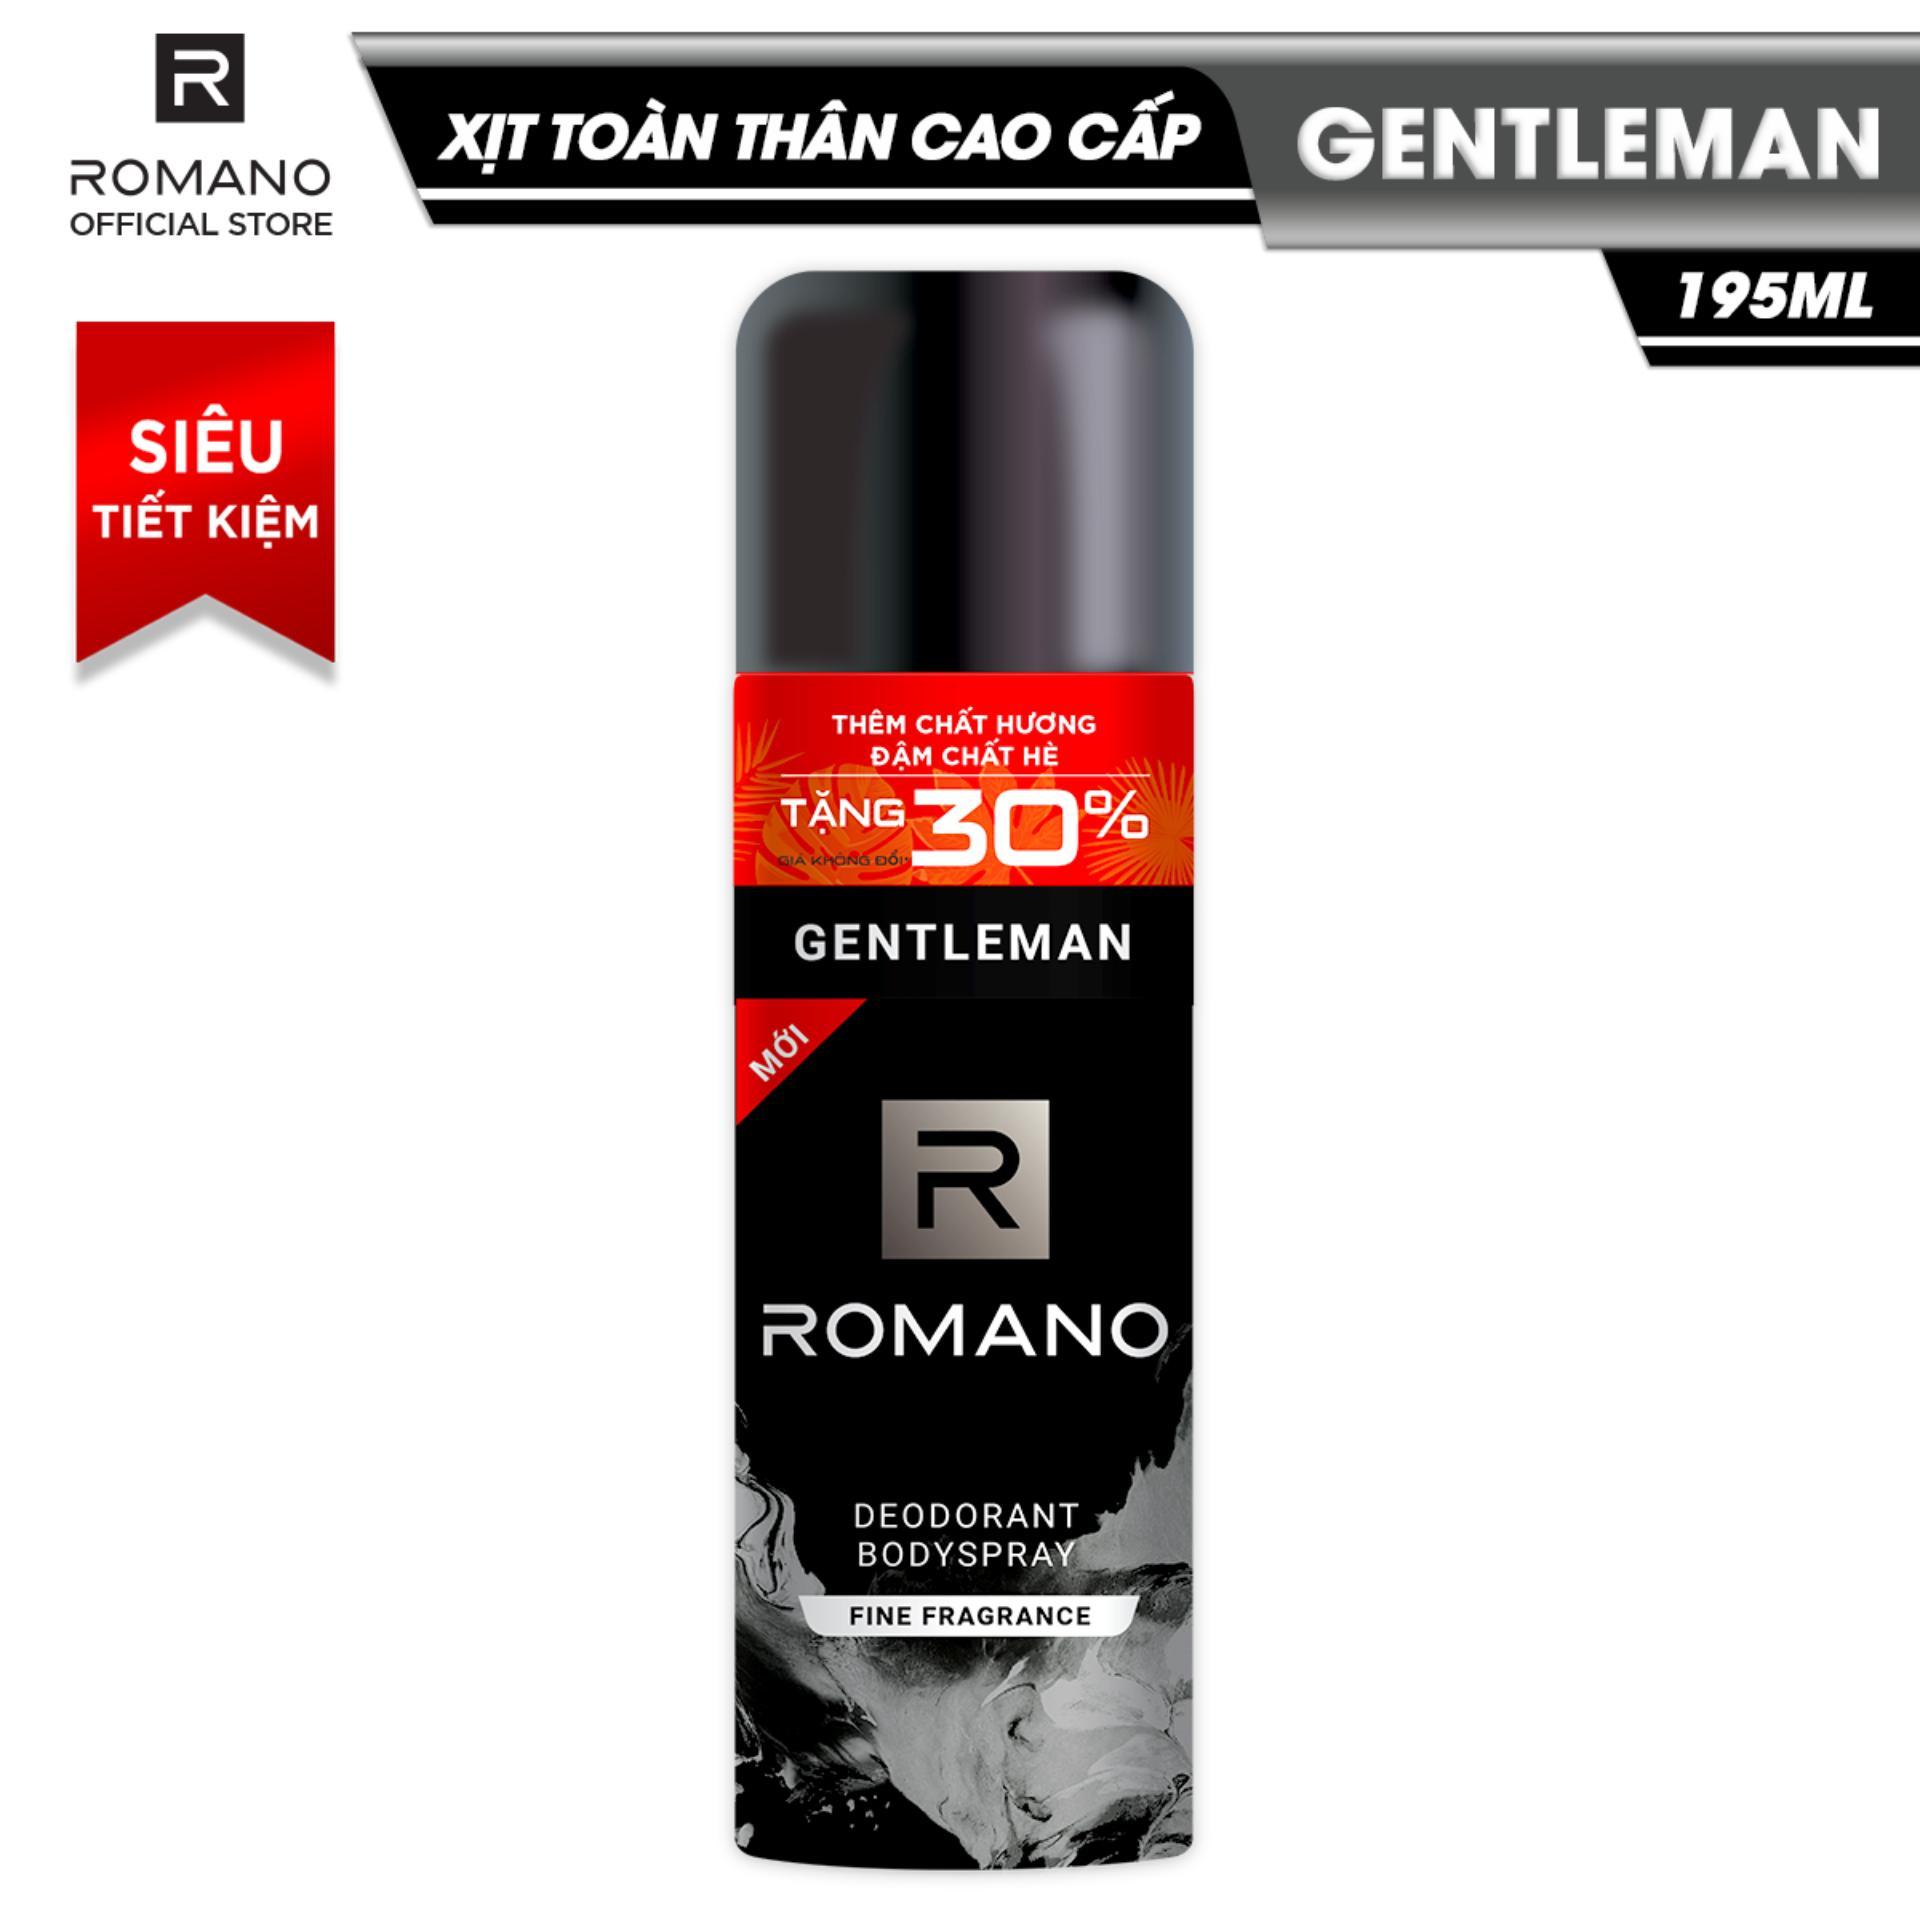 Xịt toàn thân cao cấp Romano Gentleman lịch lãm nam tính ngăn mồ hôi & mùi cơ thể 195ml (Tặng 30%) chính hãng